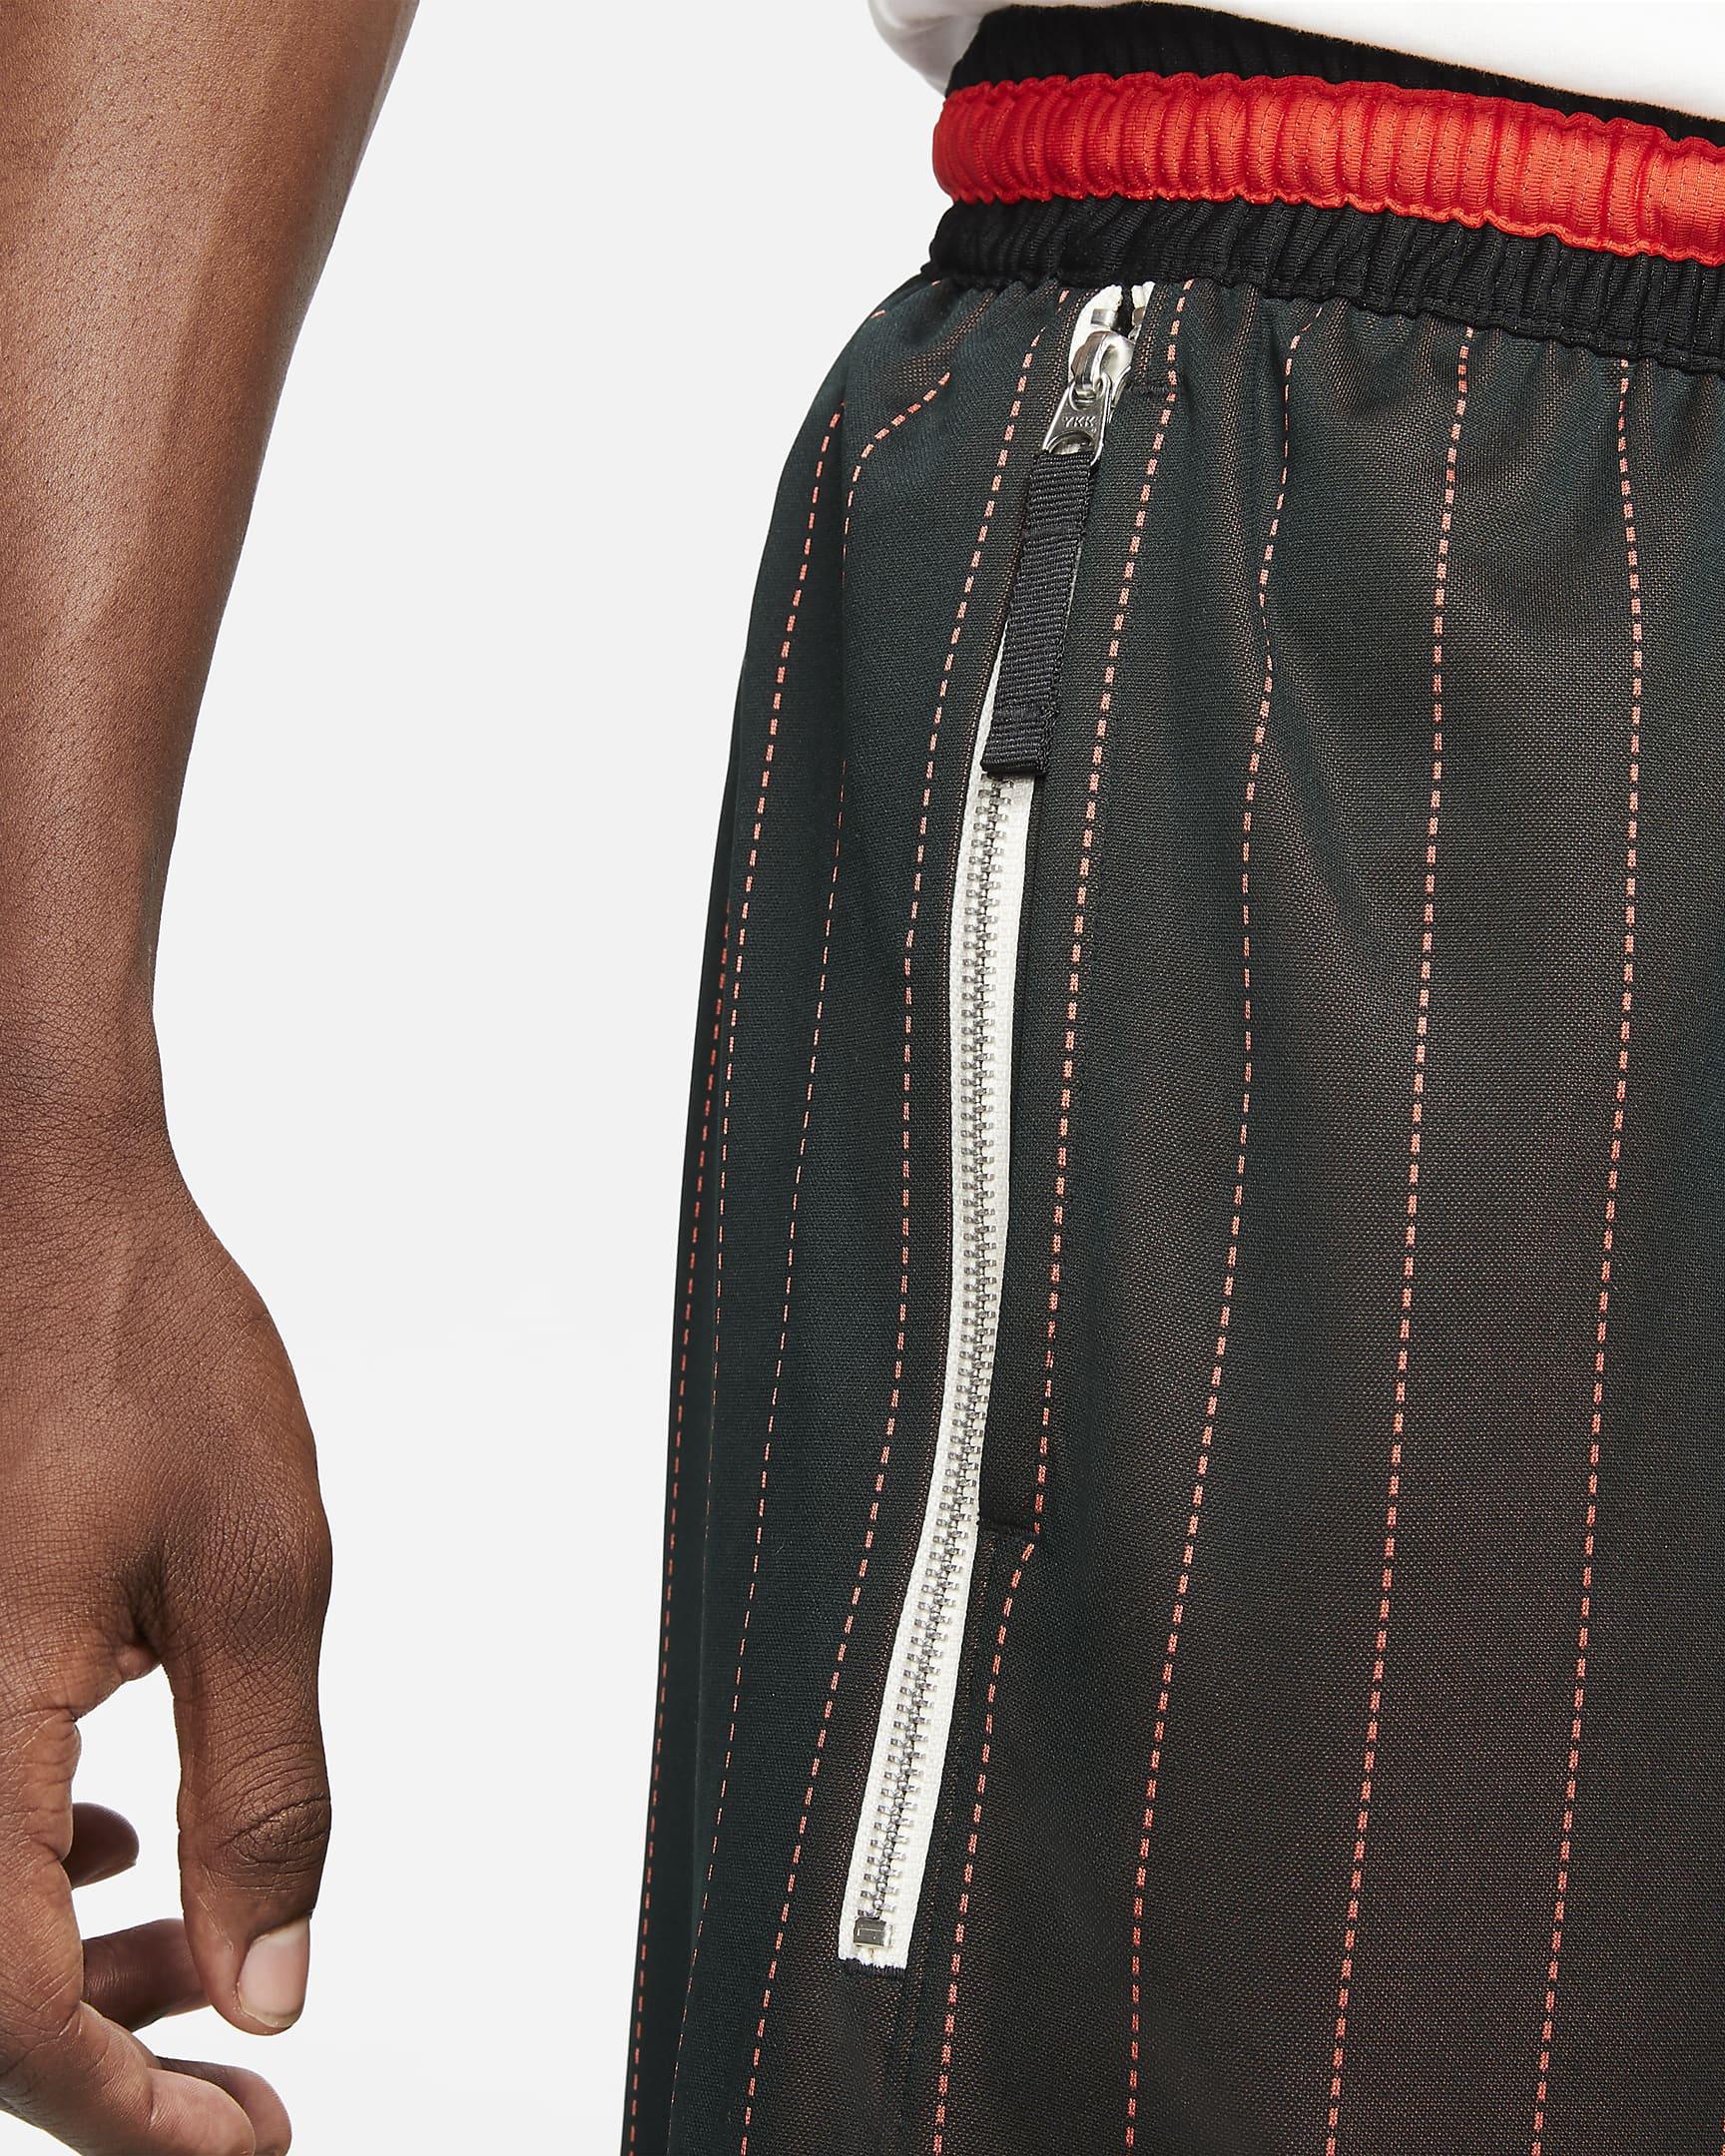 nike-dri-fit-dna-mens-basketball-shorts-RklKFZ-1.png